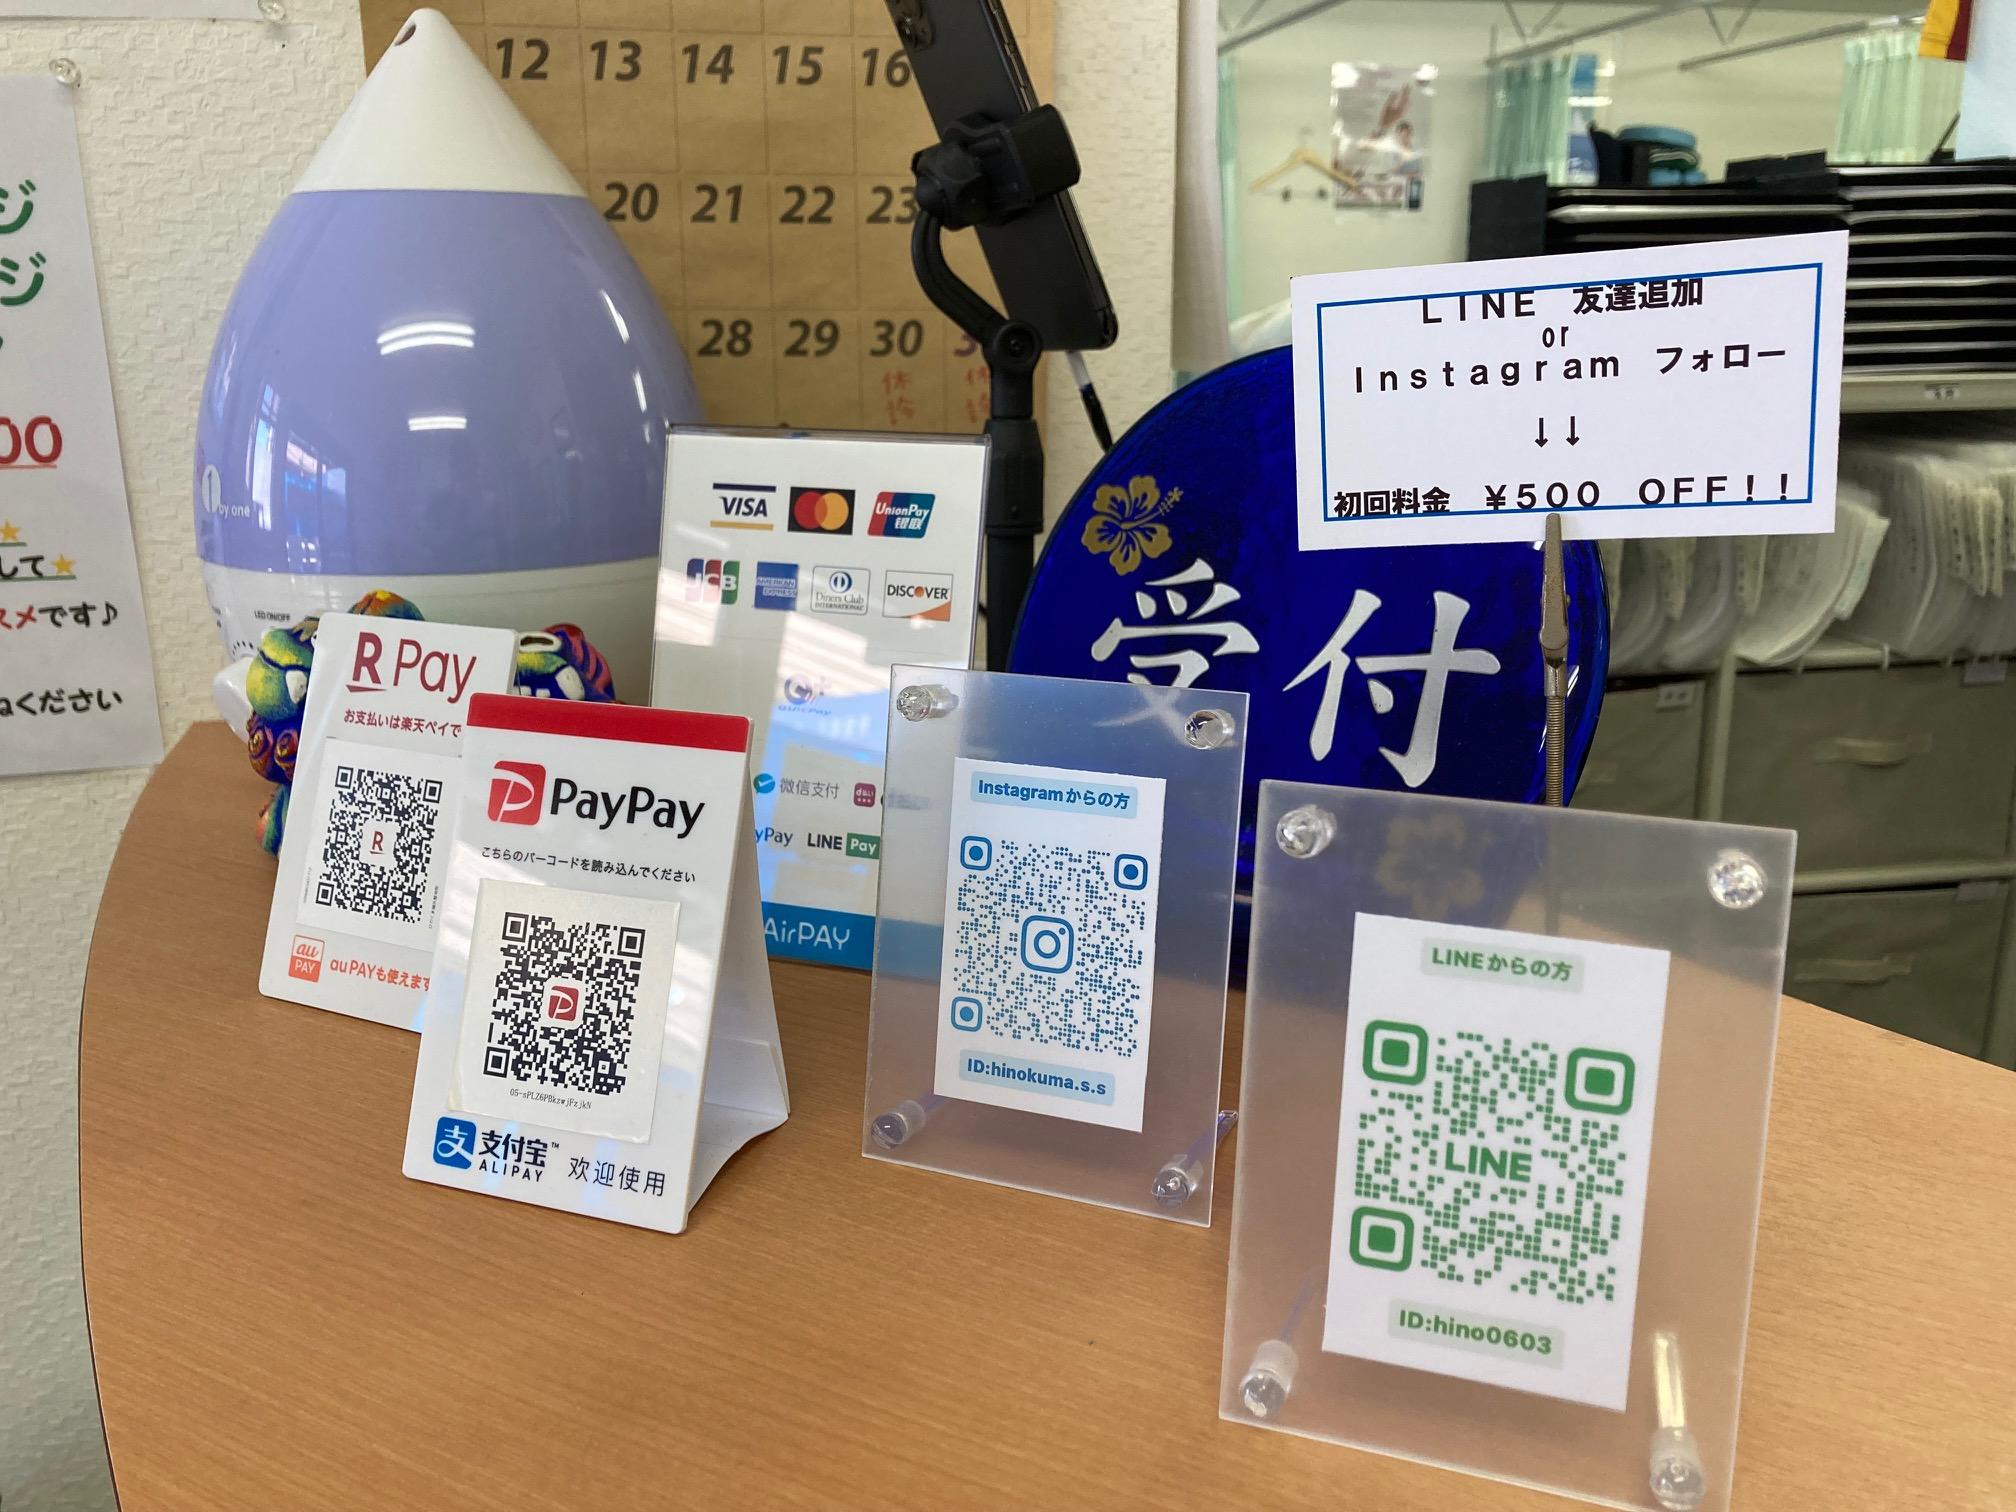 LINE@友達追加でプレゼント☆